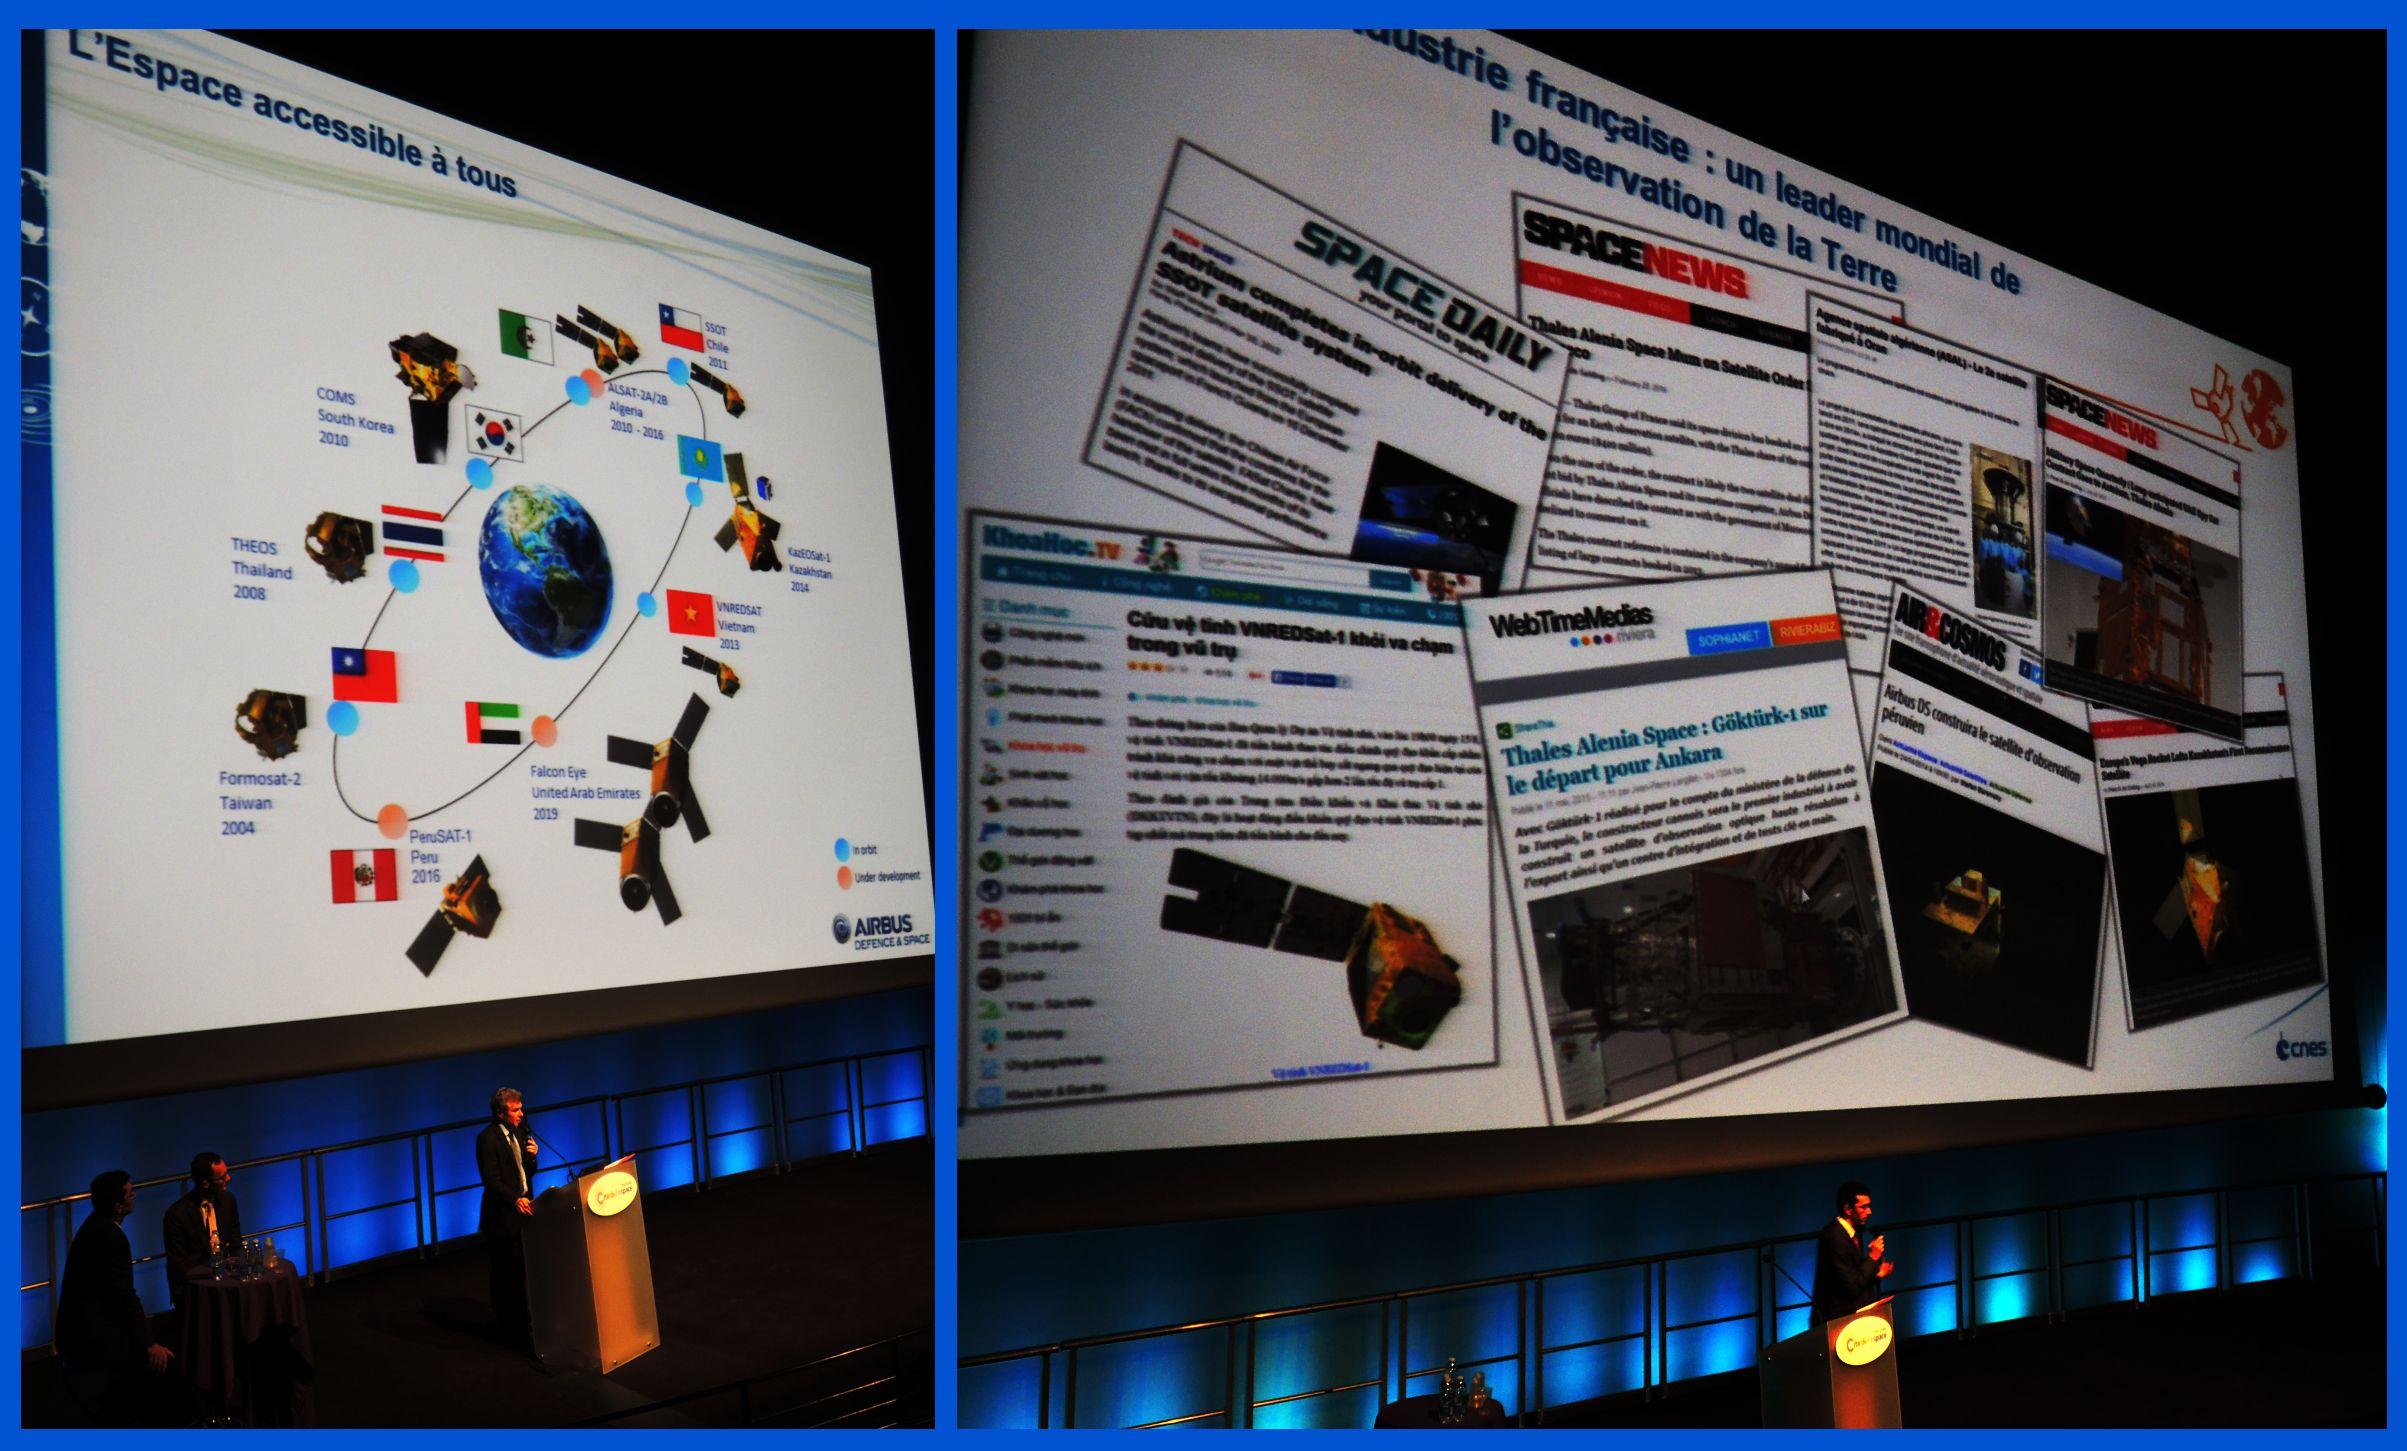 30 ans de SPOT - Industrie spatiale française - Compétitivité - Leader mondial de l'observation de la Terre - Export - Retombées économique